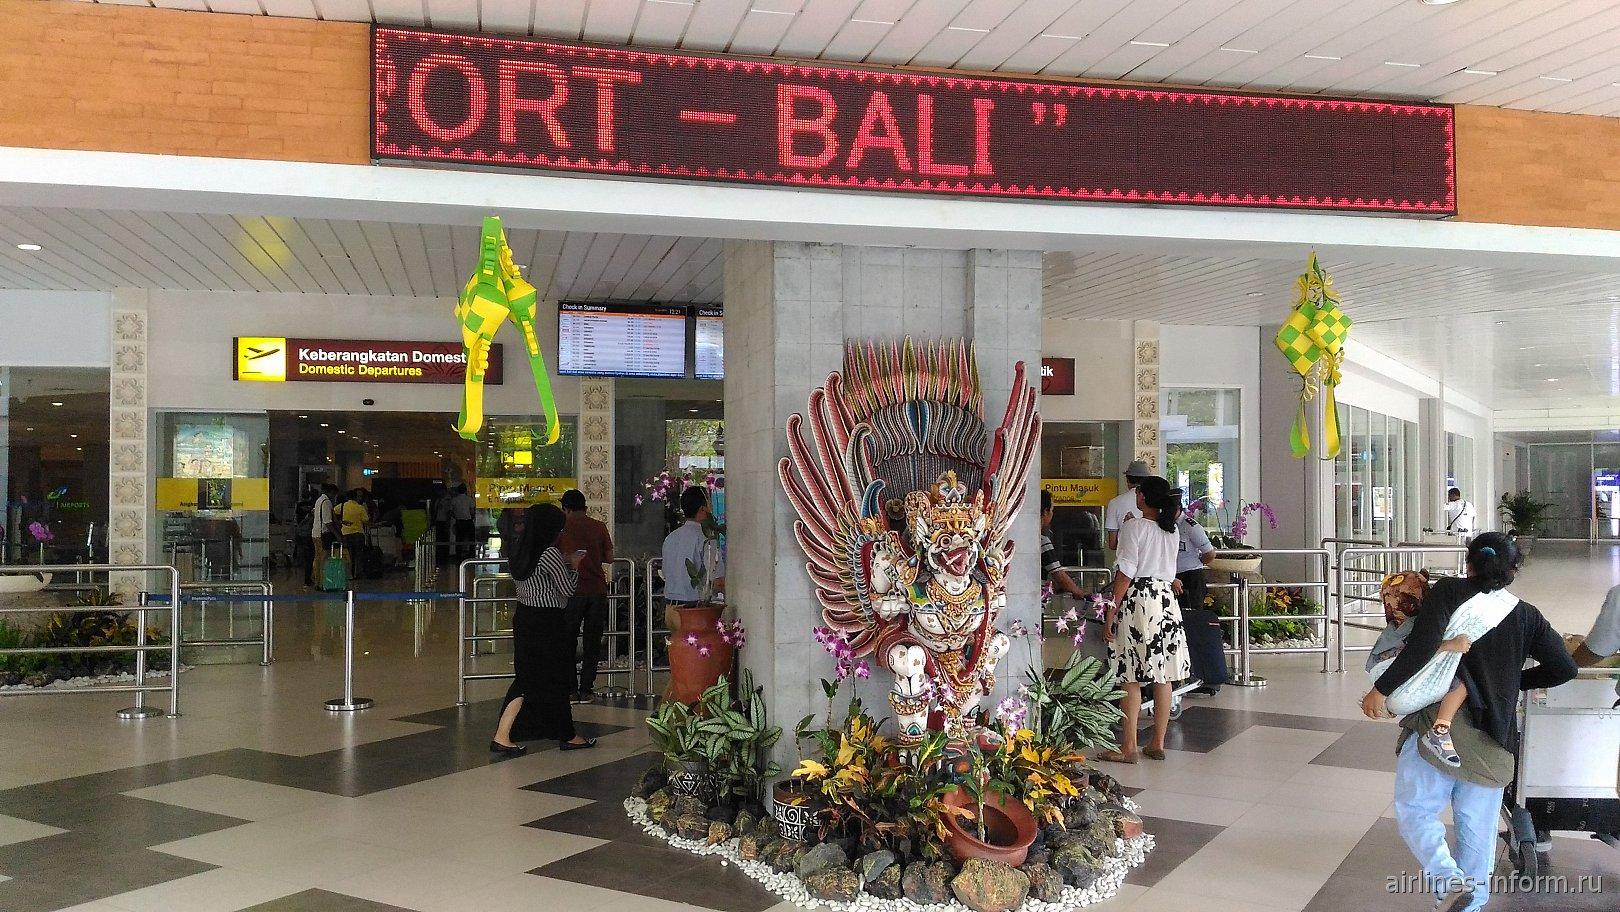 Вход в терминал внутренних линий аэропорта Денпасар Нгура Рай